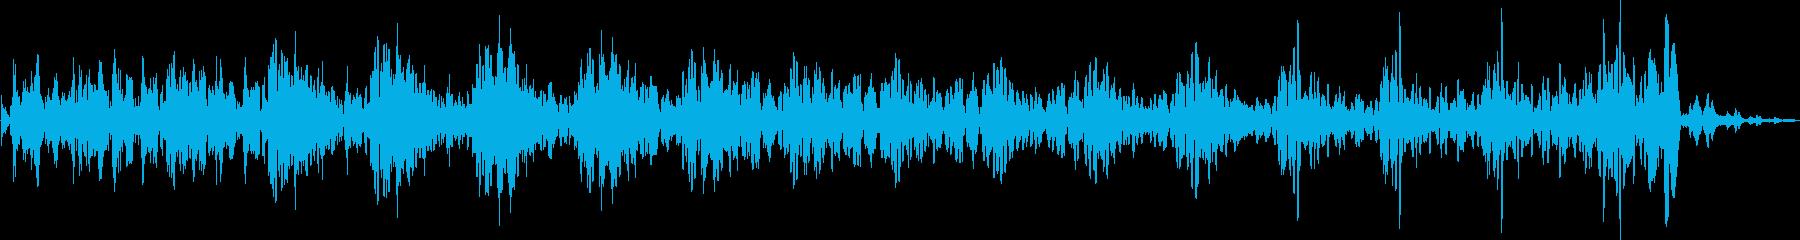 宇宙コンピューター機能データ応答の再生済みの波形